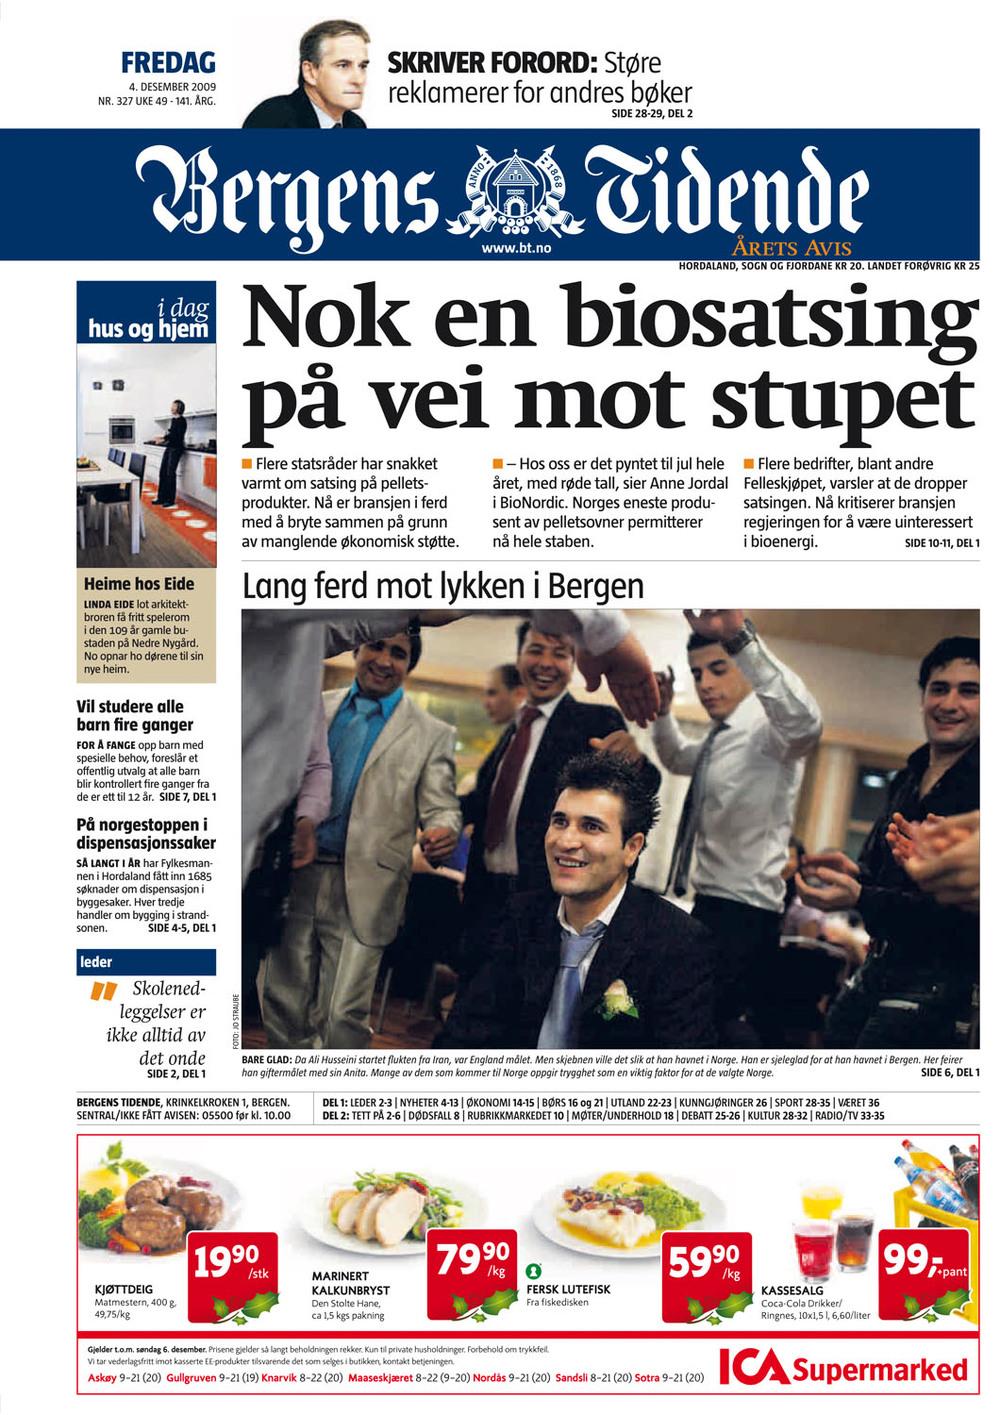 Bergens Tidende, 4.12.2009